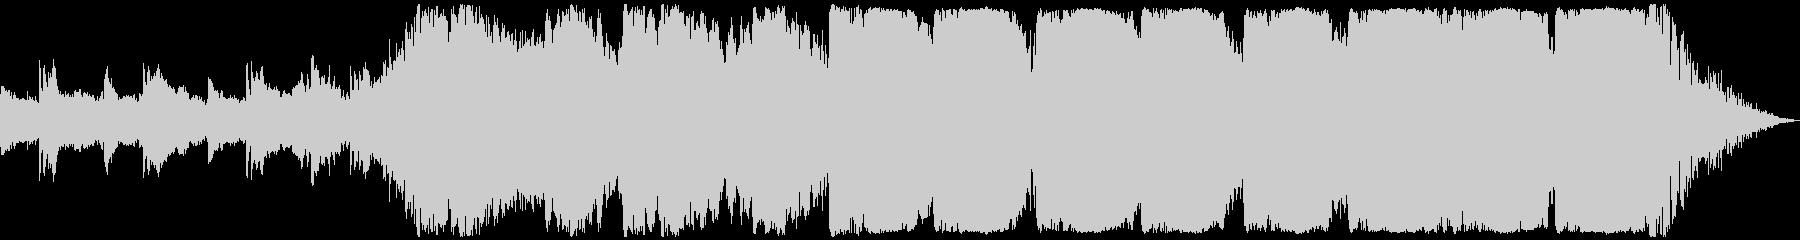 感情的な高揚-(ショートバージョン)の未再生の波形